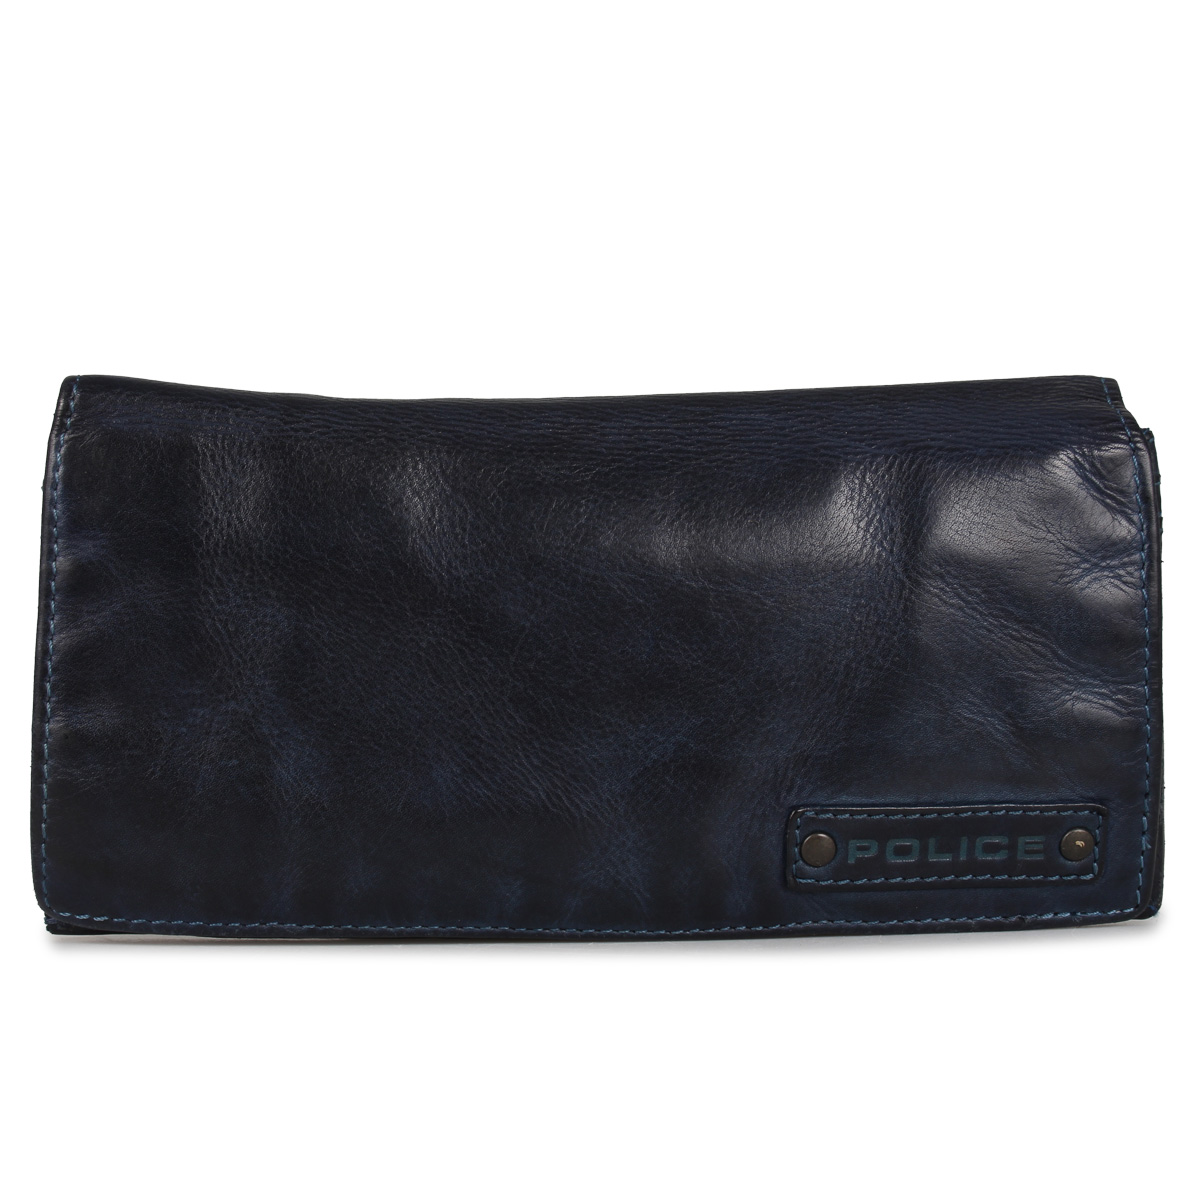 POLICE LAVARE LONG WALLET ポリス 財布 長財布 メンズ ラヴァーレ ブラック ネイビー キャメル 黒 PA-59602